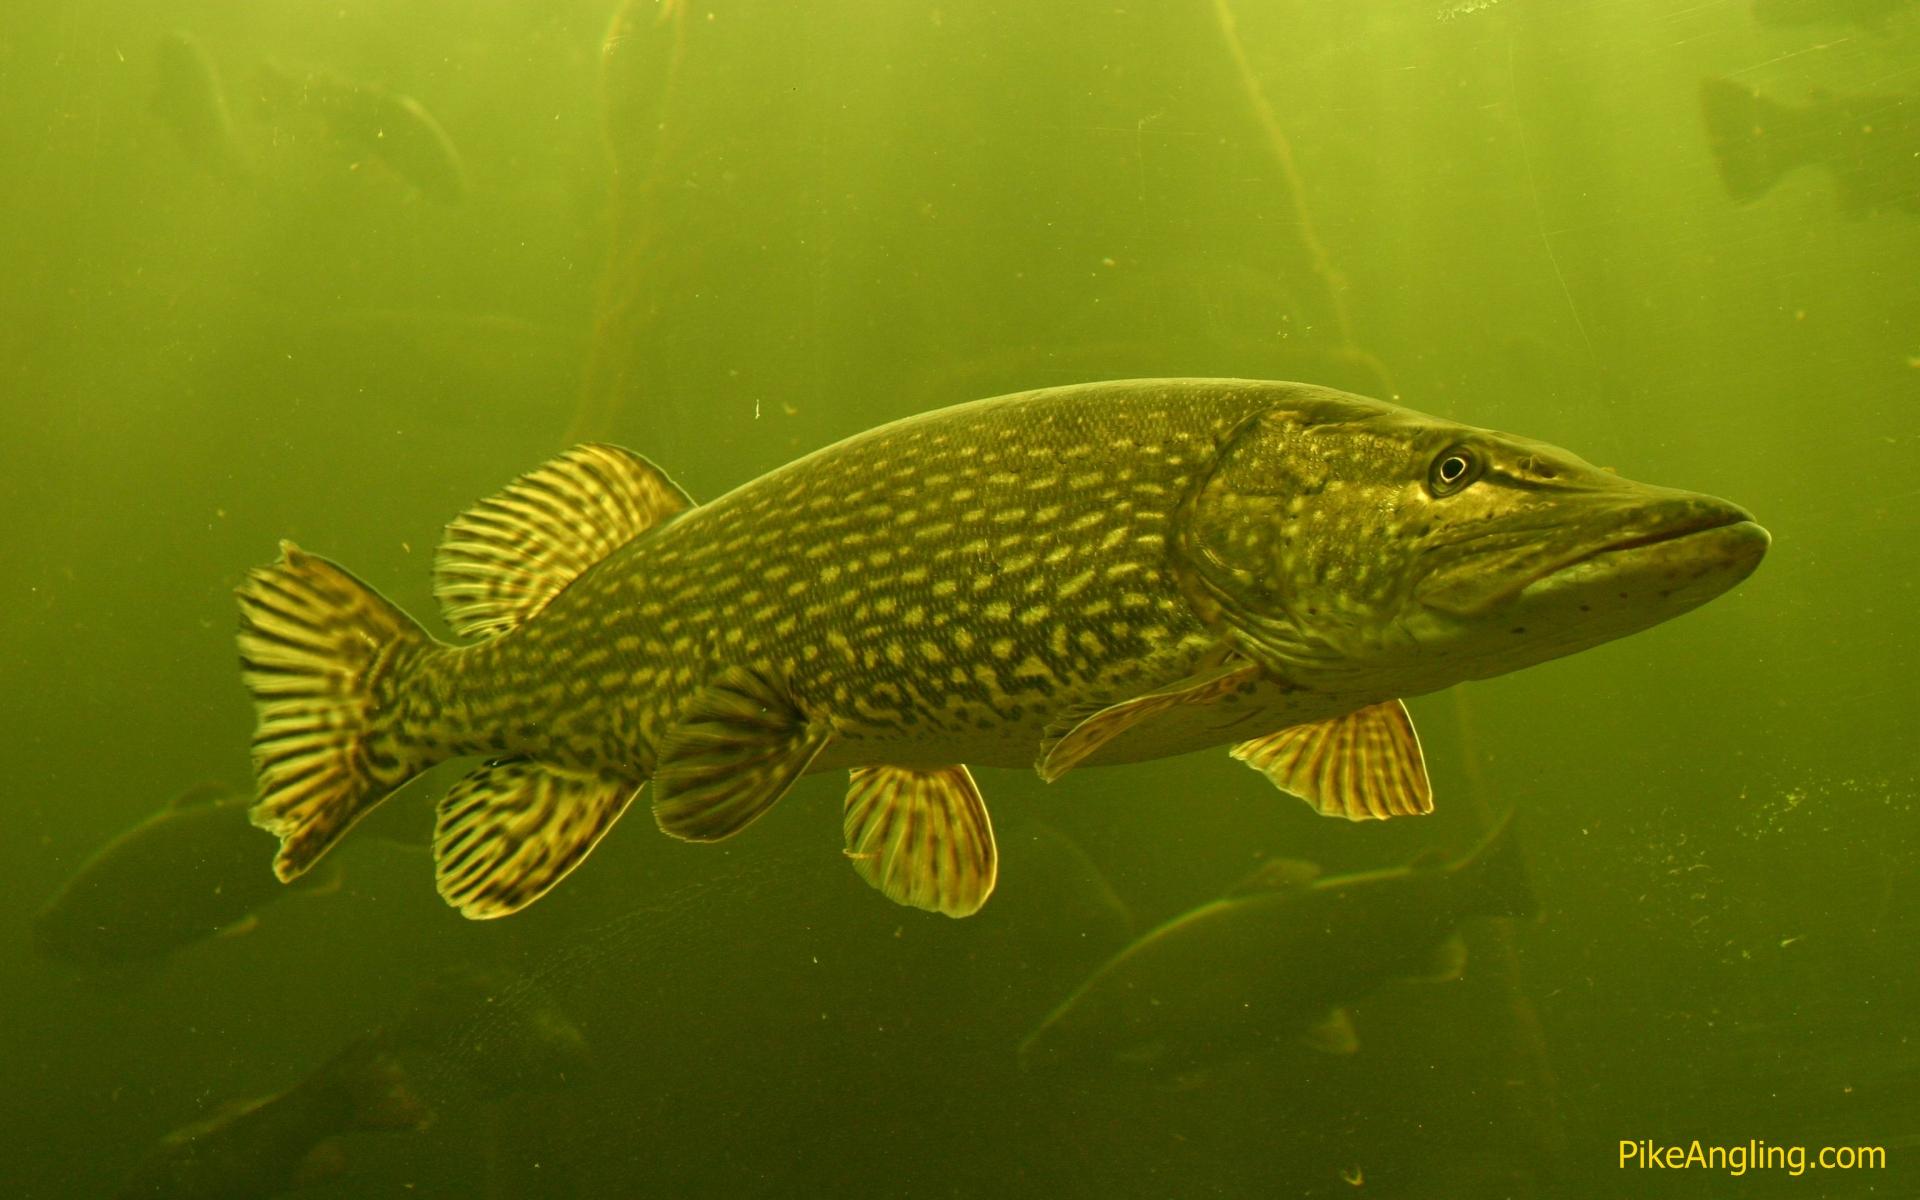 Pike Fishing wallpaper 118291 1920x1200